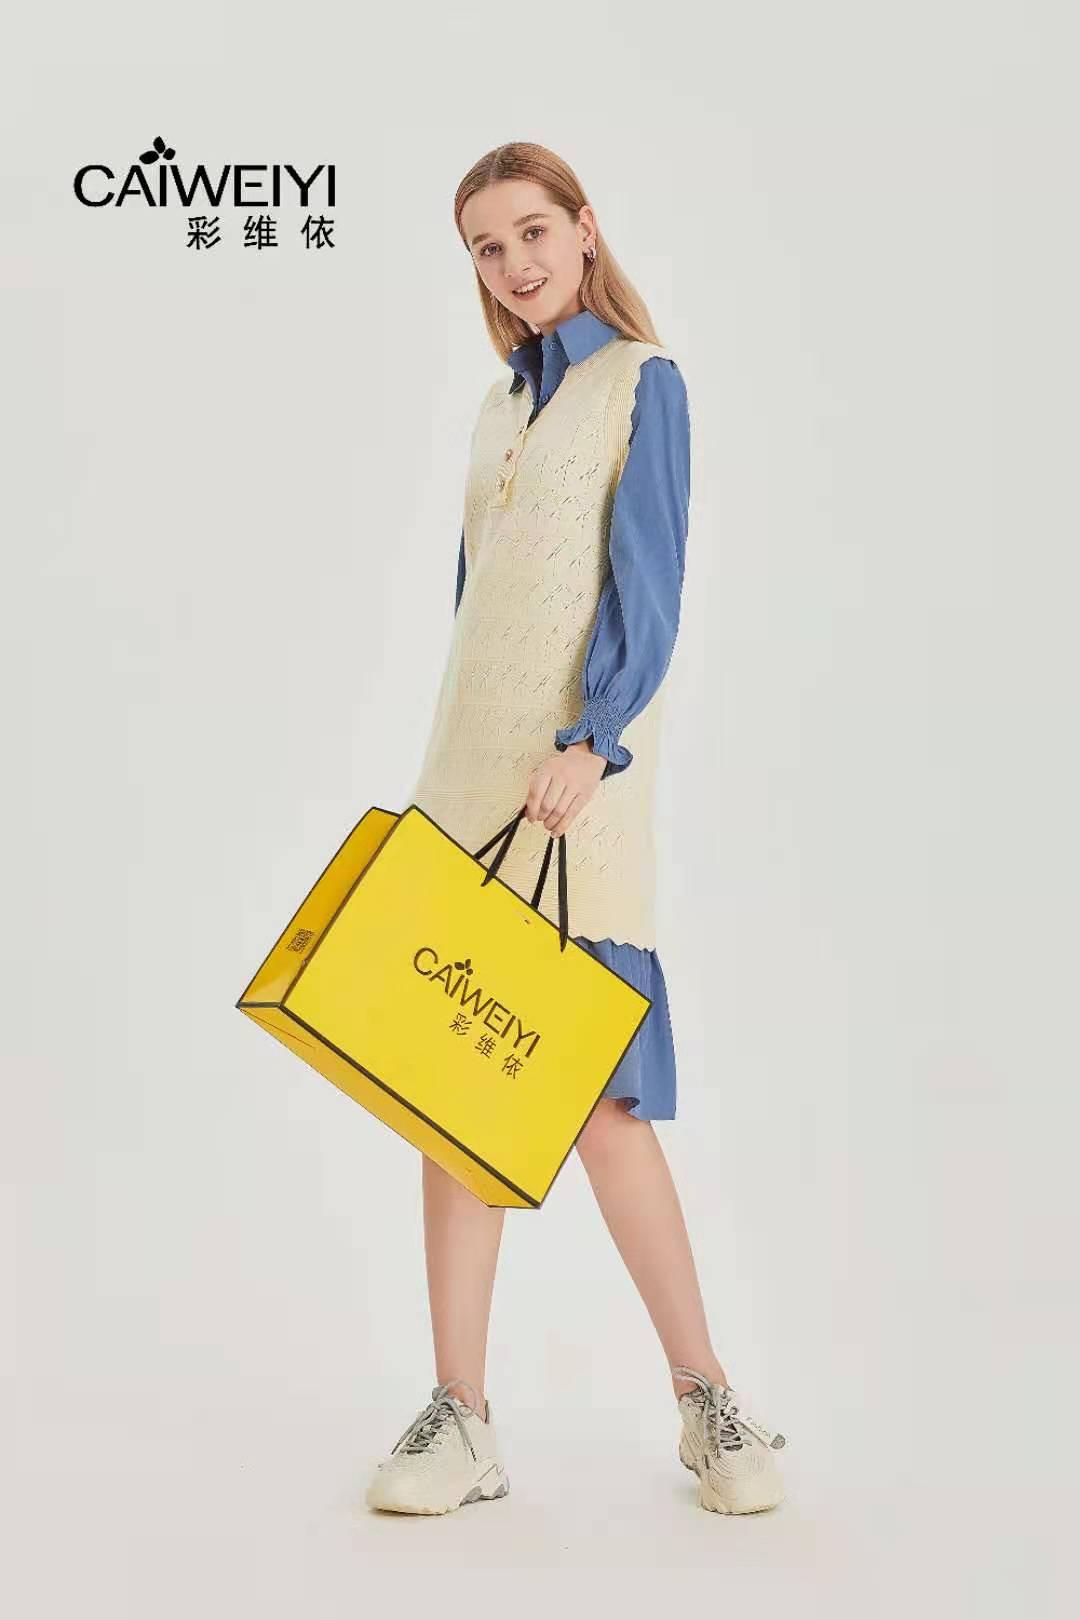 CAIWEIYI彩维依-国际时装品牌